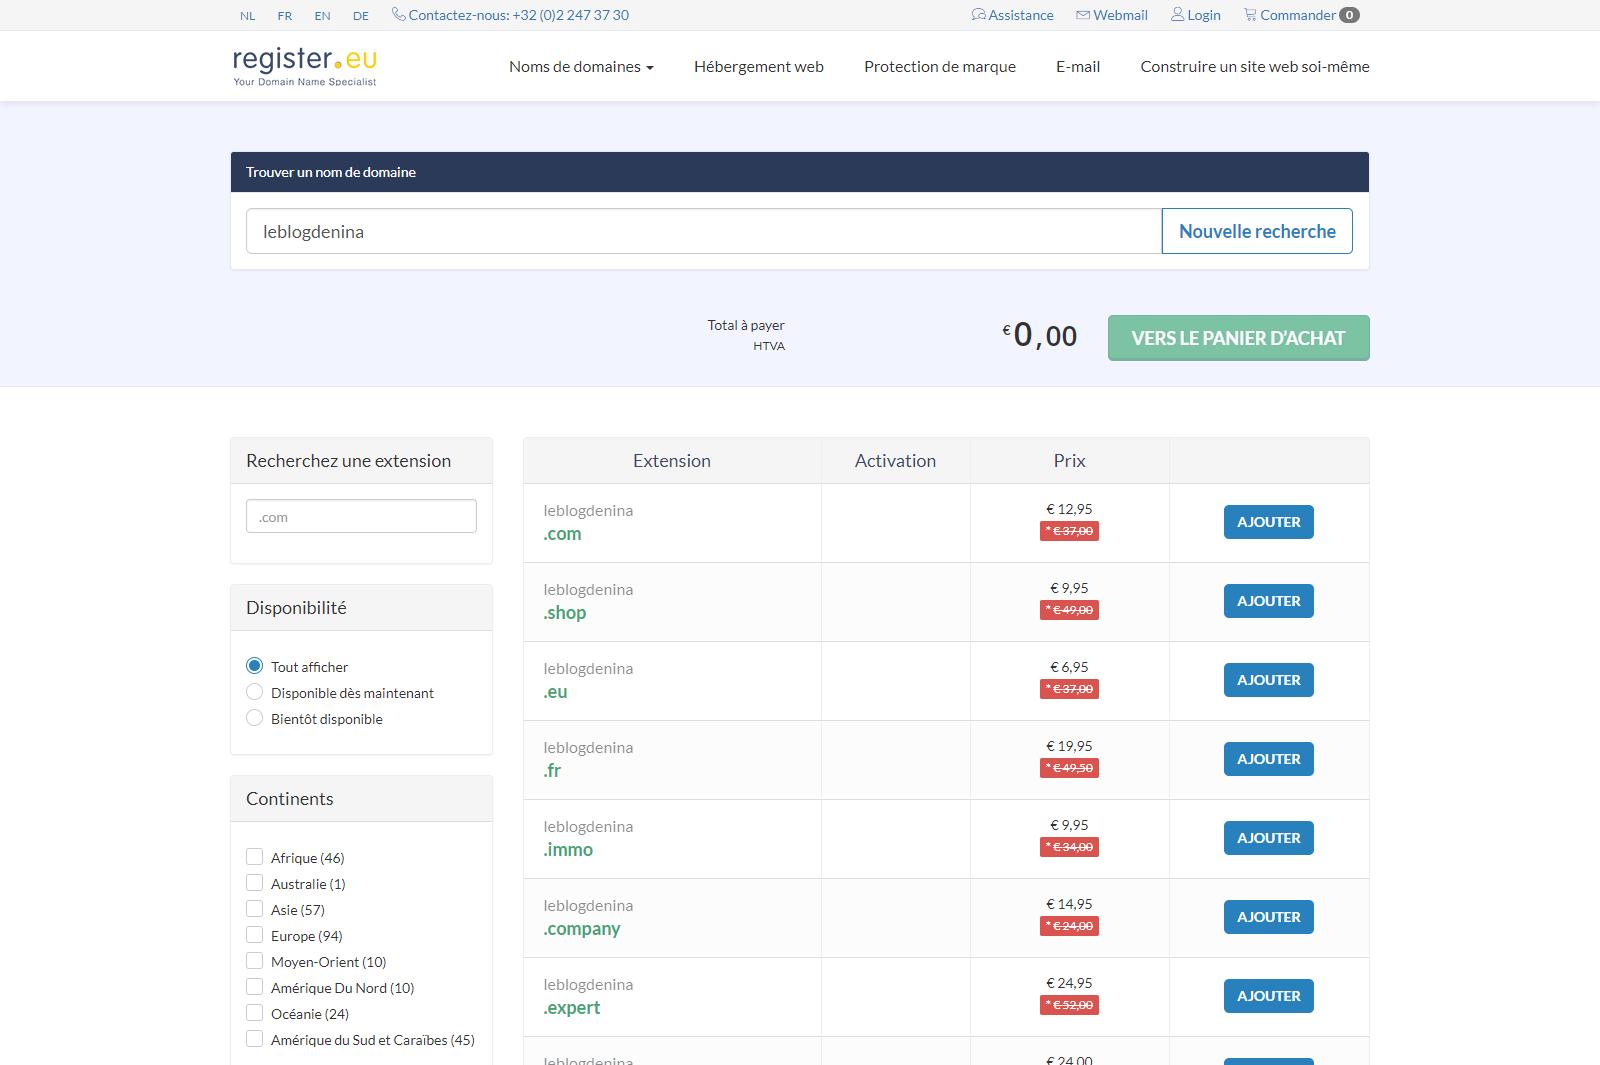 Comment crée un blog: capture d'écran de la page pour trouver un nom de domaine et acheter celui que vous voulez sur le site web register.eu/fr